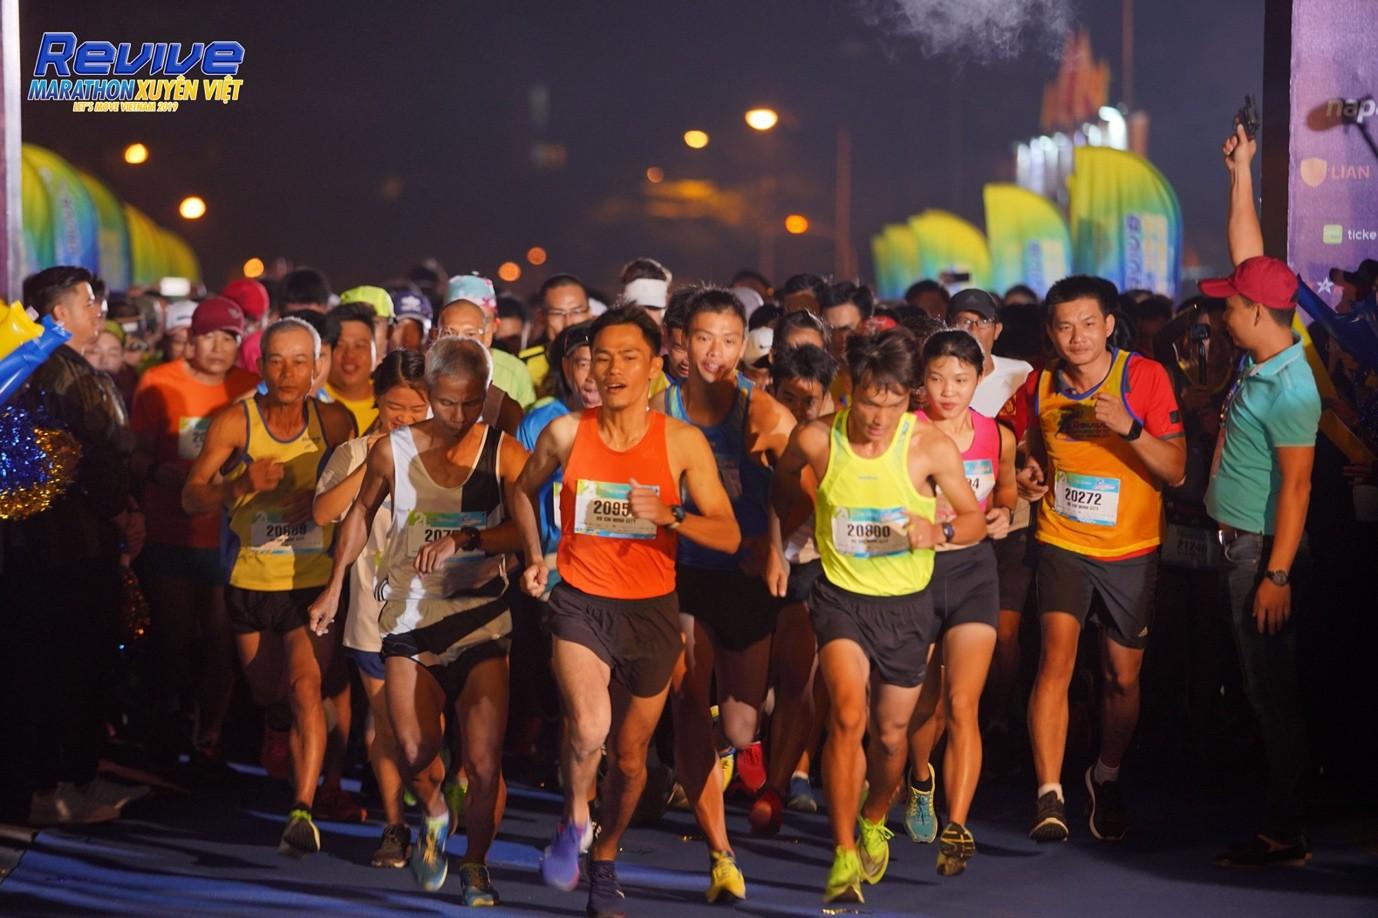 Minh Hằng, Mlee, Quốc Anh... thử sức mình trong giải Revive Marathon Xuyên Việt - Ảnh 1.